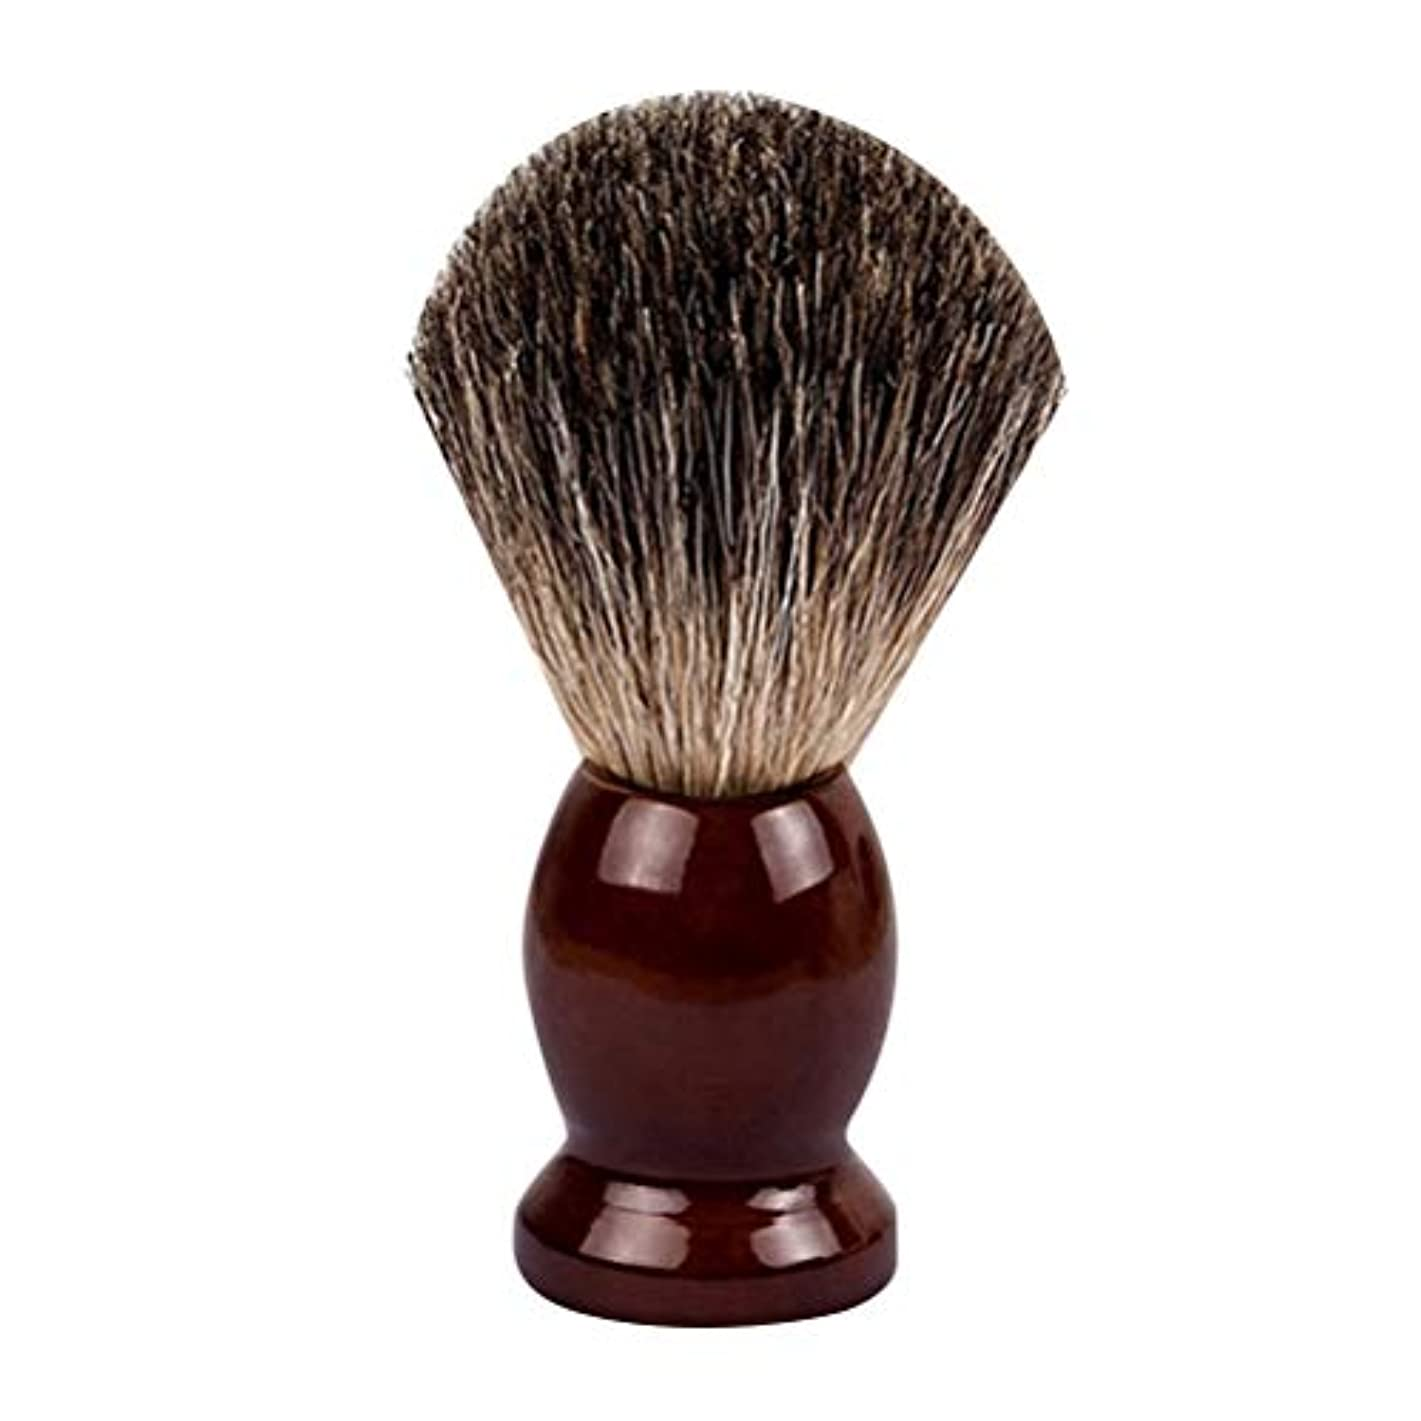 調整性交活気づくLurrose ひげ ブラシ シェービング ブラシ ウッドハンドル ヘア サロンツール 男性用